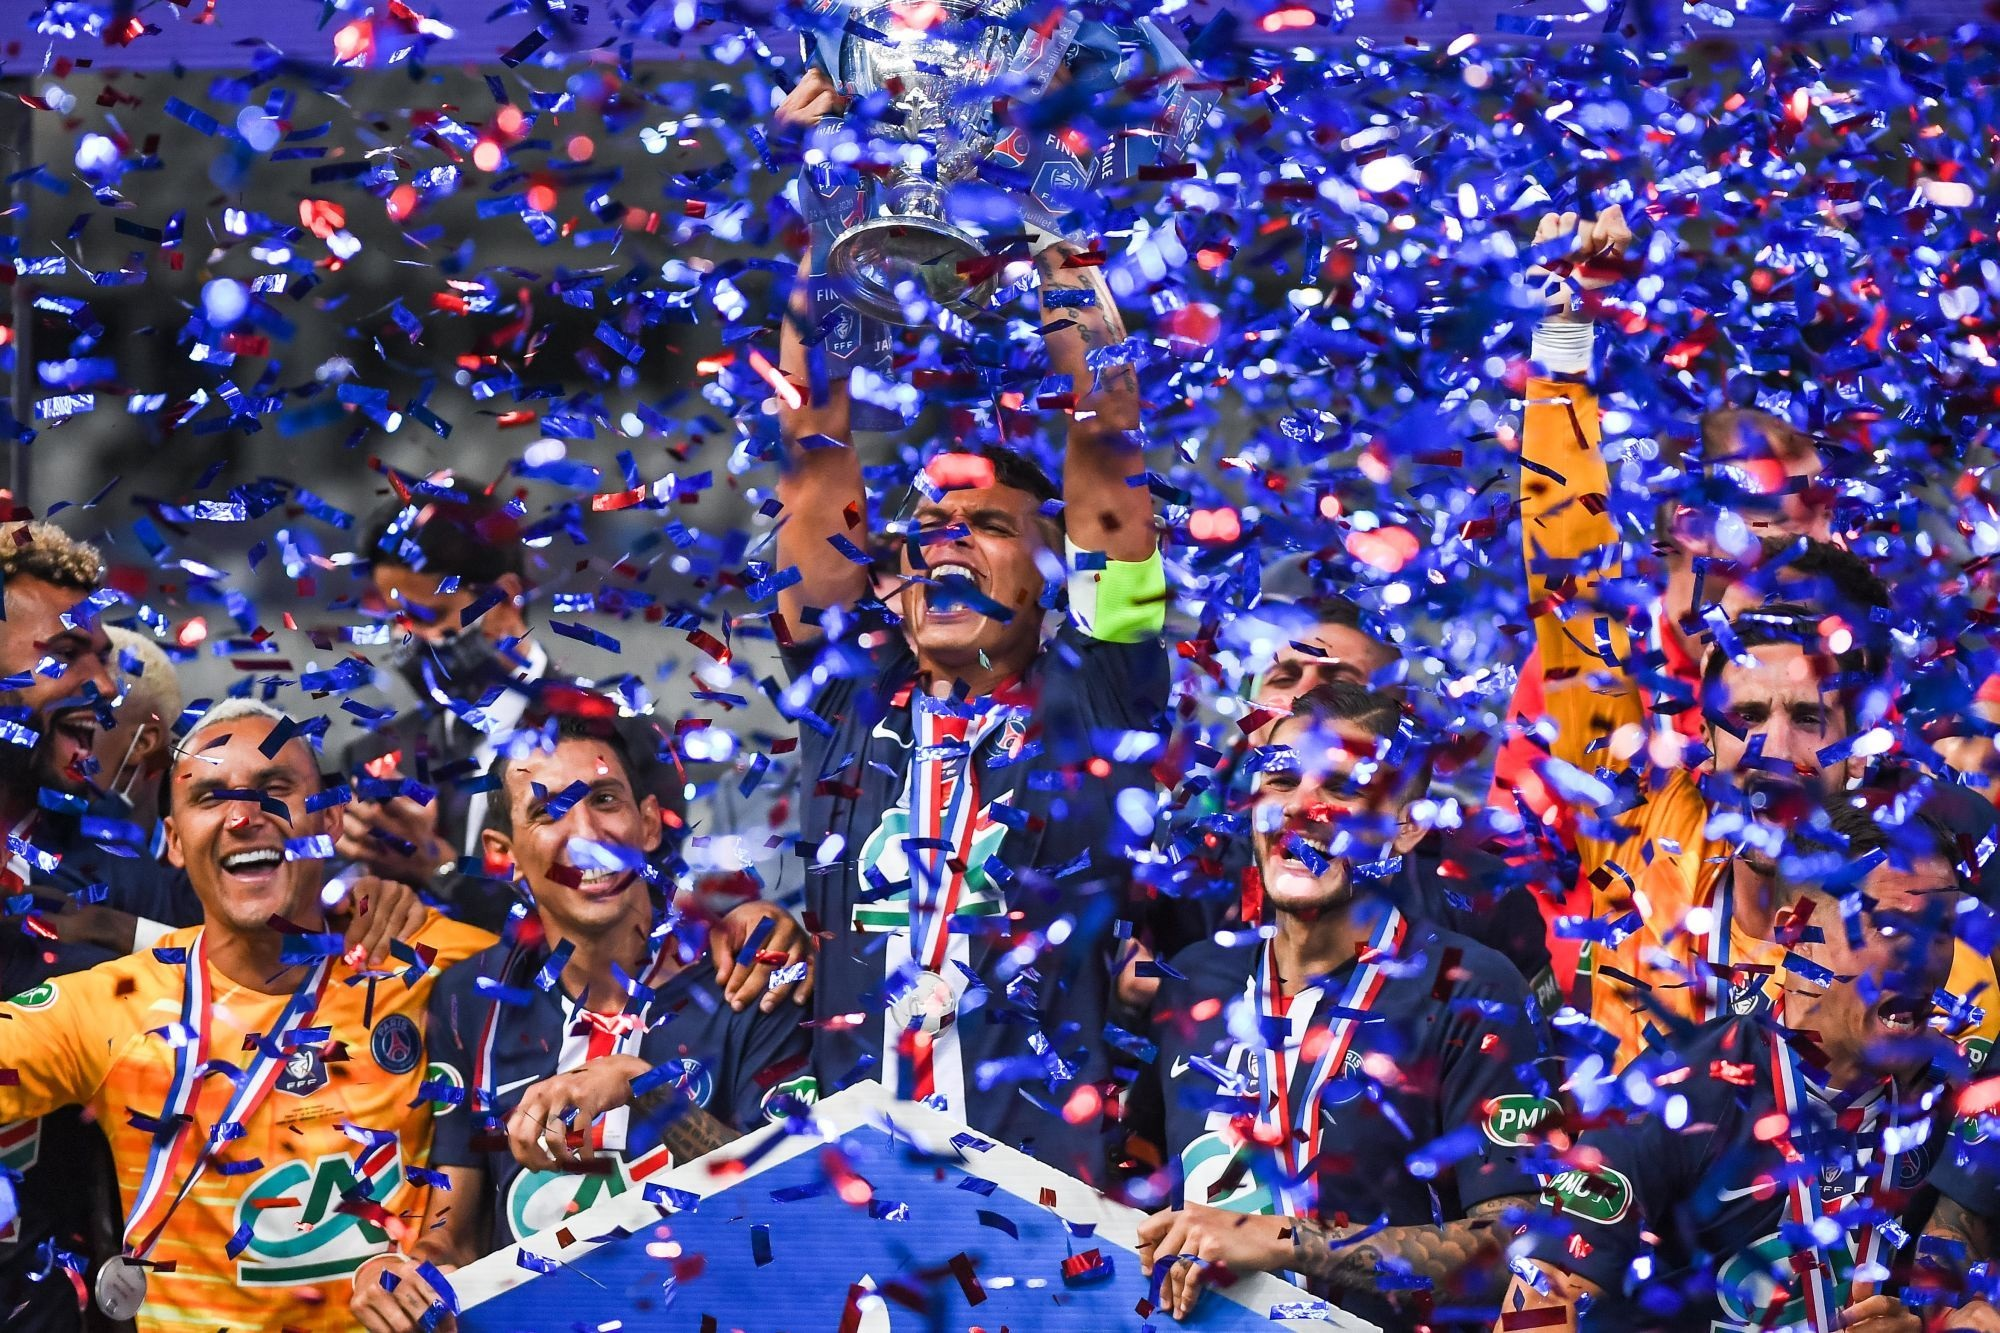 Revivez la victoire du PSG contre Saint-Etienne en finale de CDF au plus près des joueurs